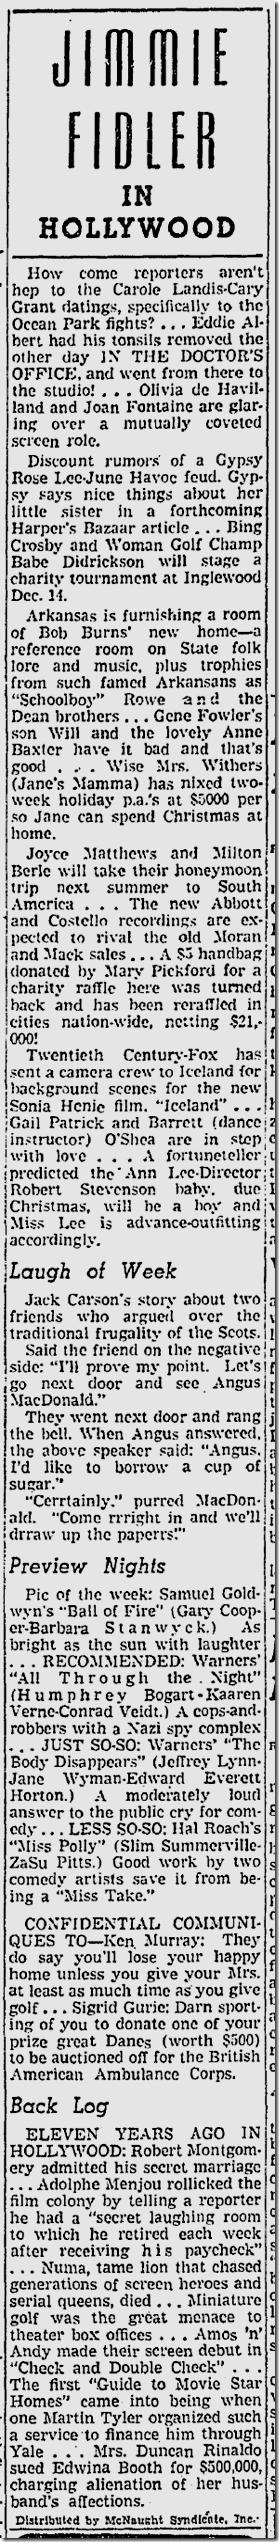 Dec. 6, 1941, Jimmie Fidler